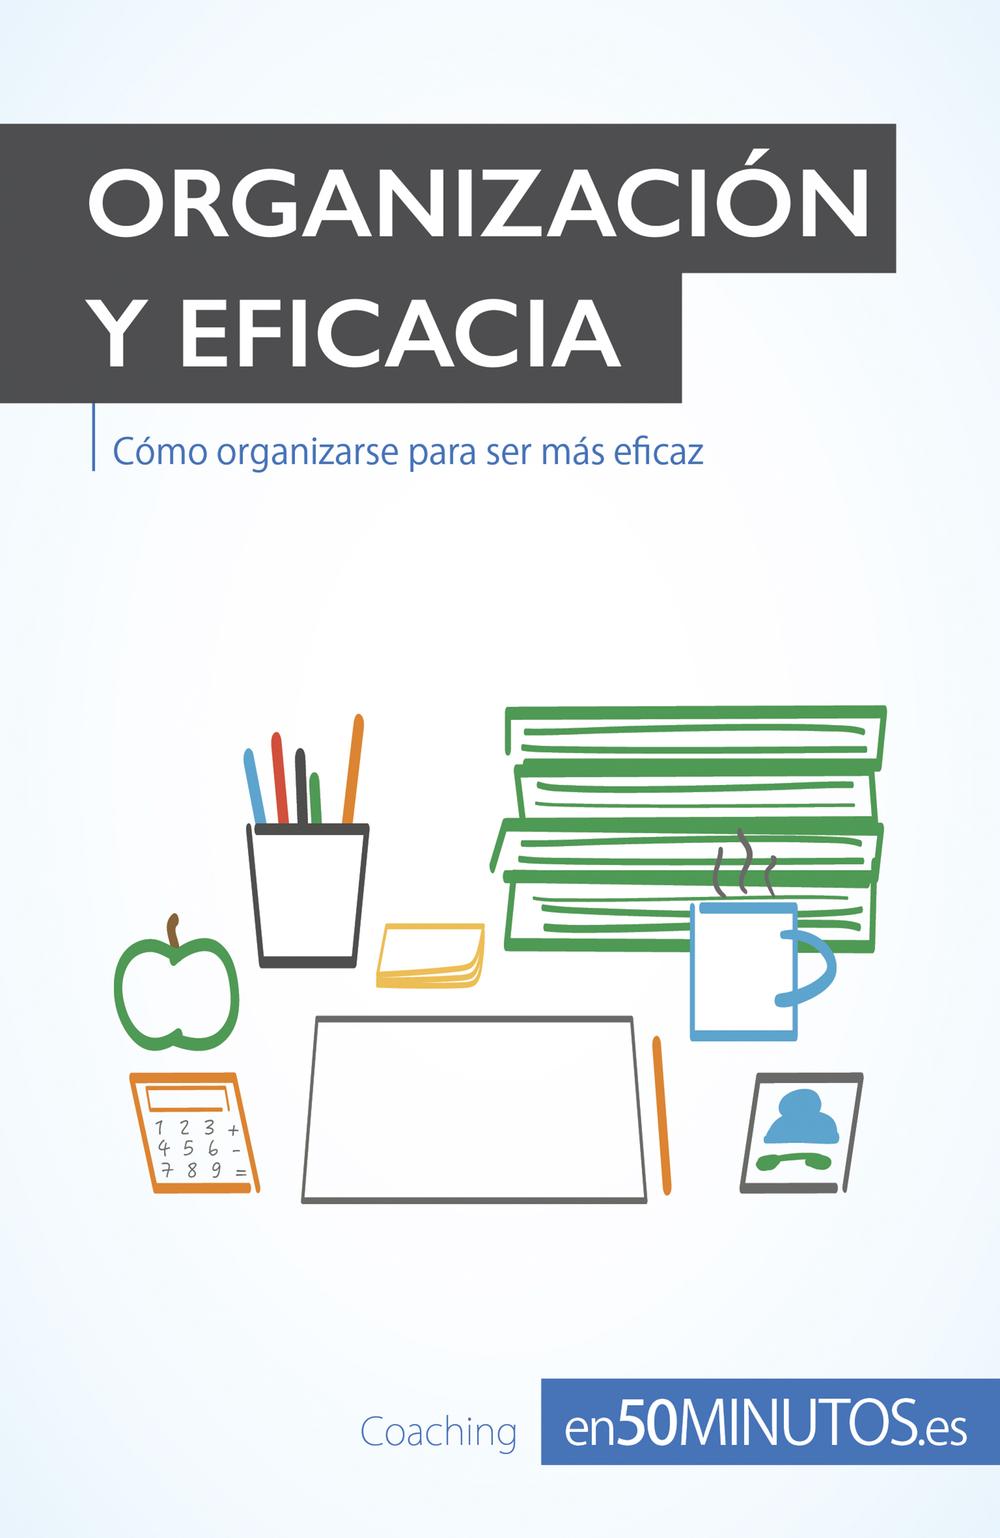 Organización y eficacia